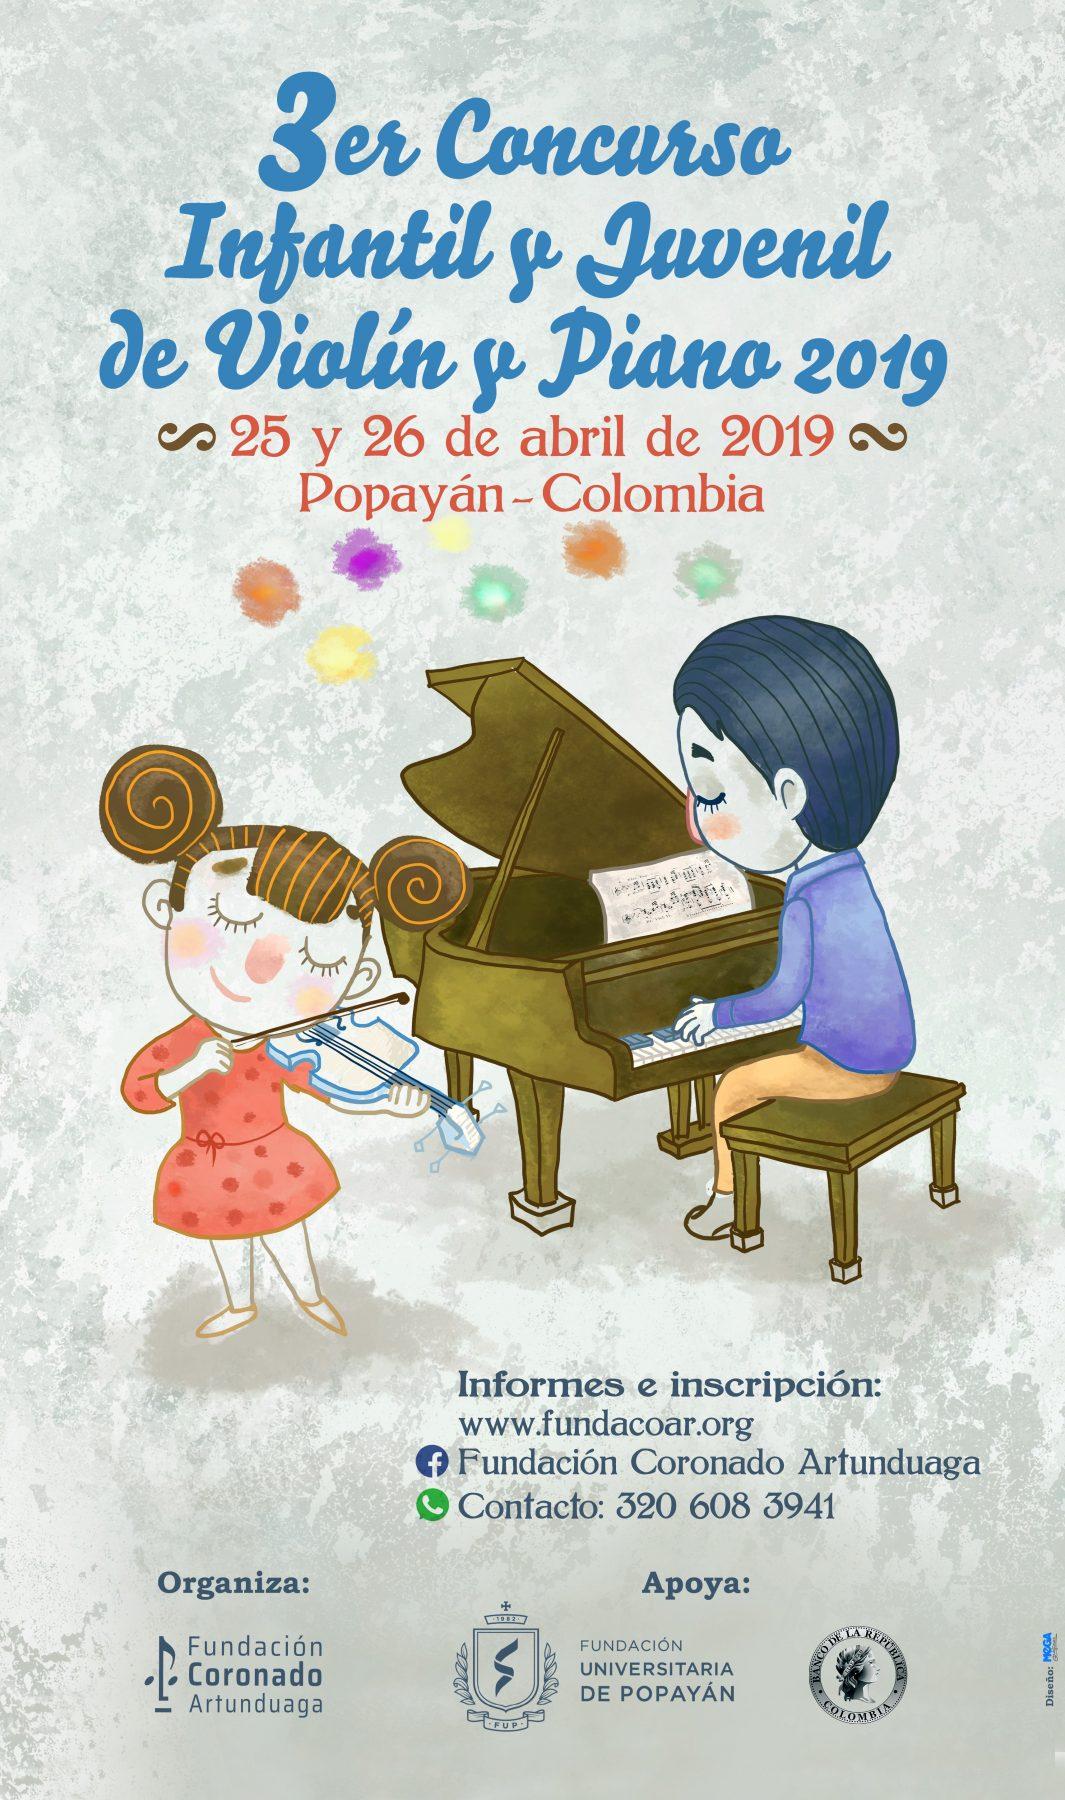 3ER CONCURSO INFANTIL Y JUVENIL DE VIOLÍN Y PIANO 2019